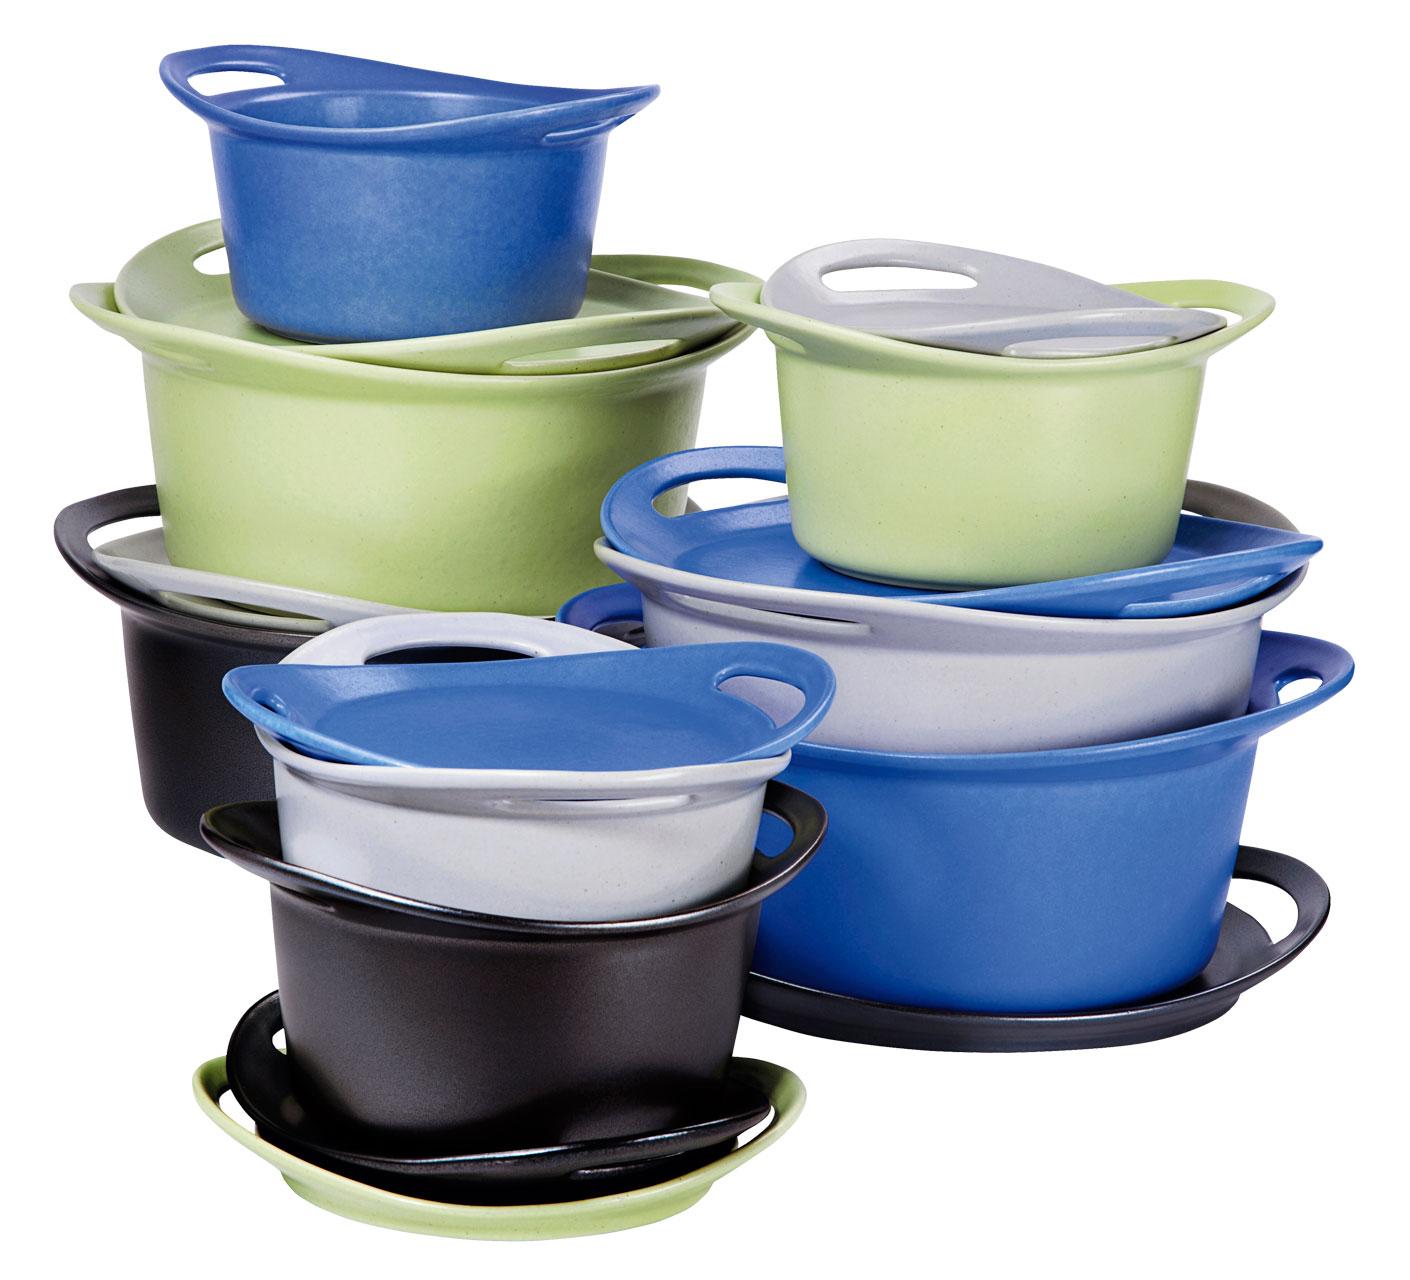 Hotpot Duon värivaihtoehdot ovat musta, harmaa, lime ja sininen.